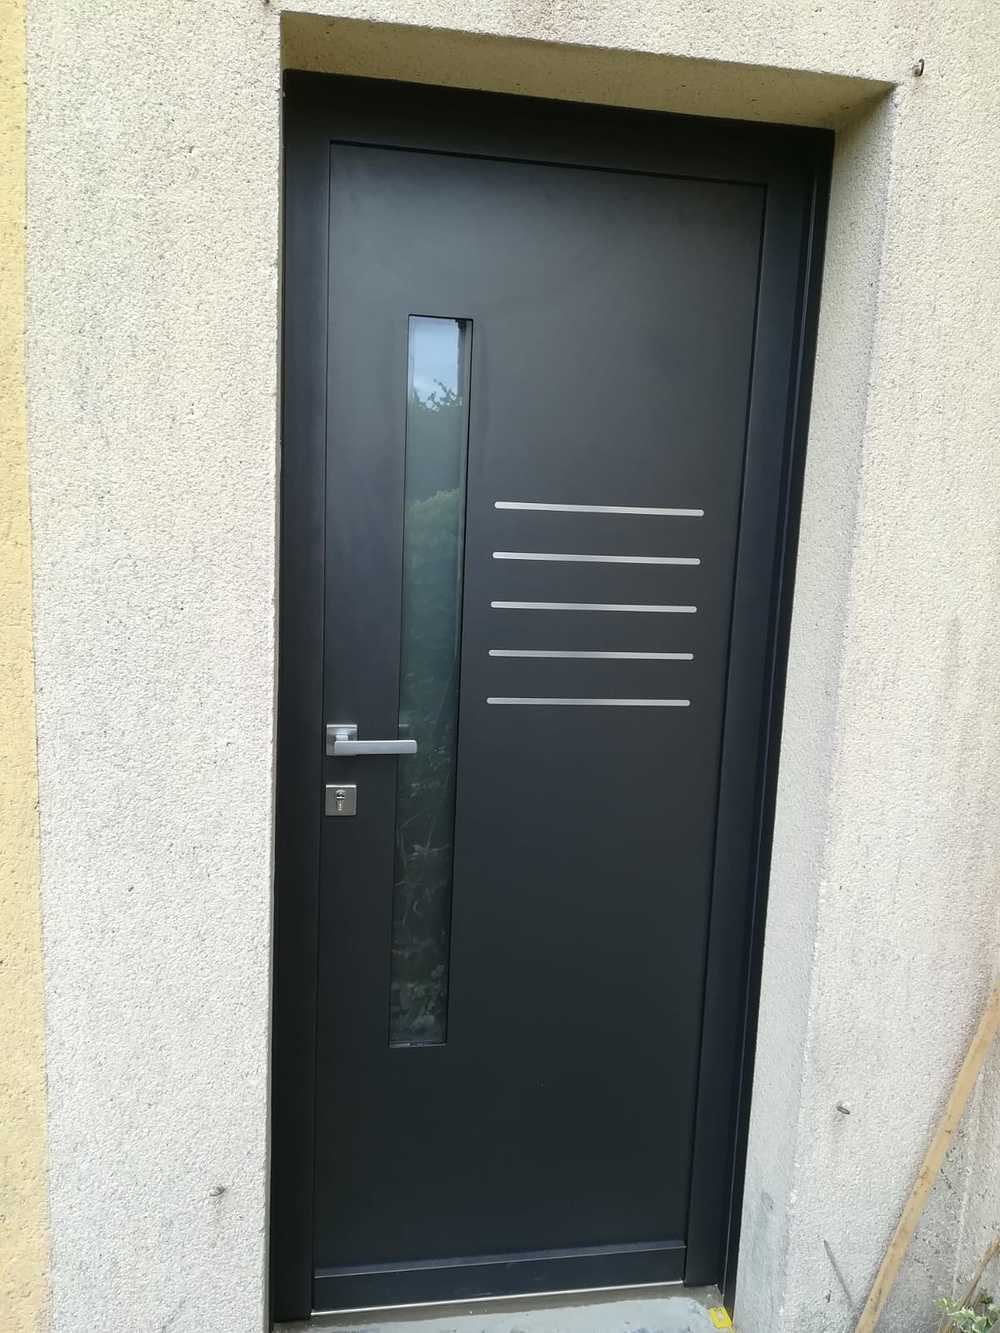 Rénovation porte entrée grande largeur contemporaine alu avec inclusions de métal et vitrage 0